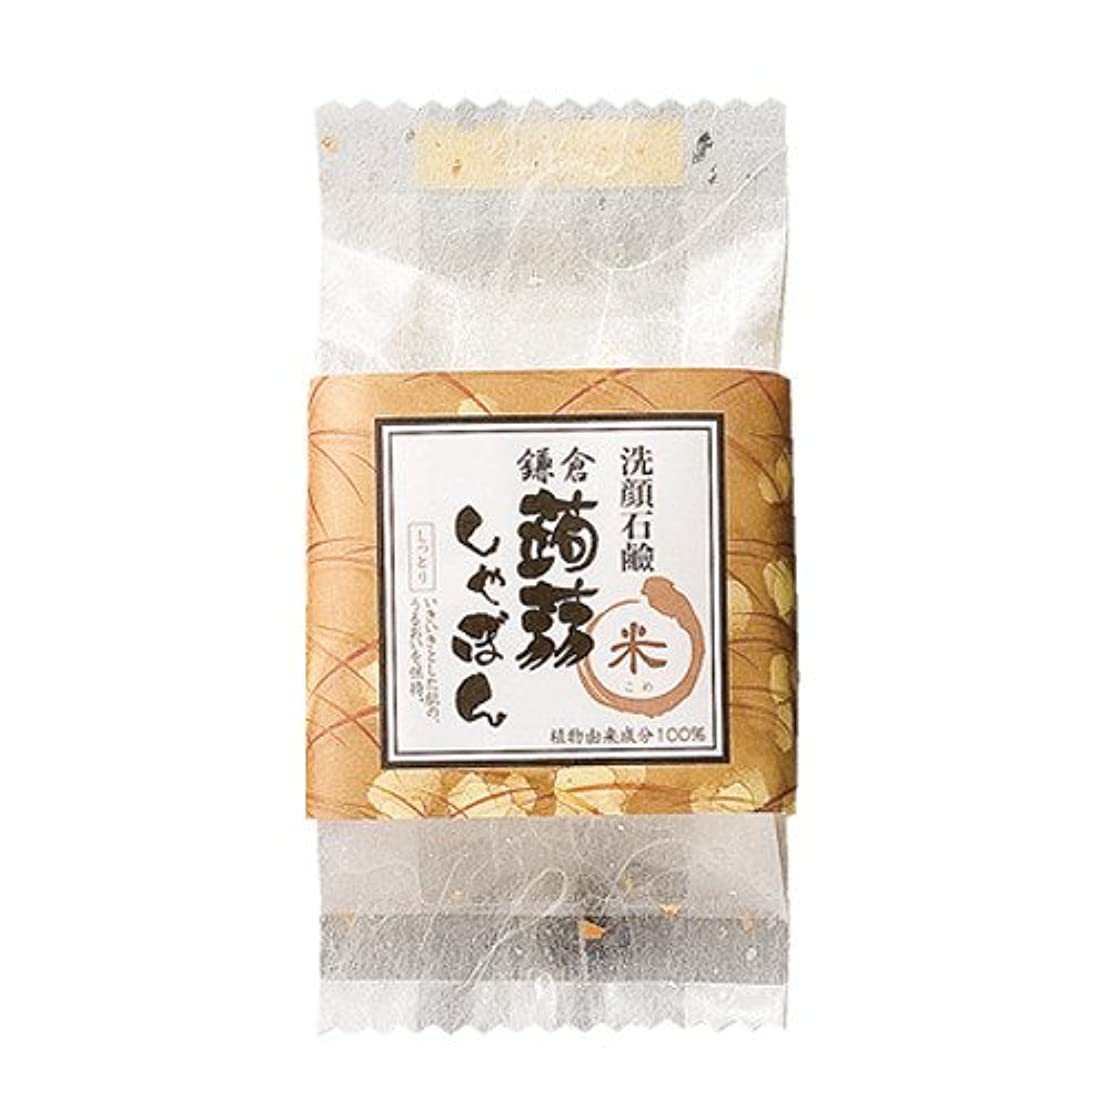 元の征服法医学鎌倉 蒟蒻しゃぼん 米